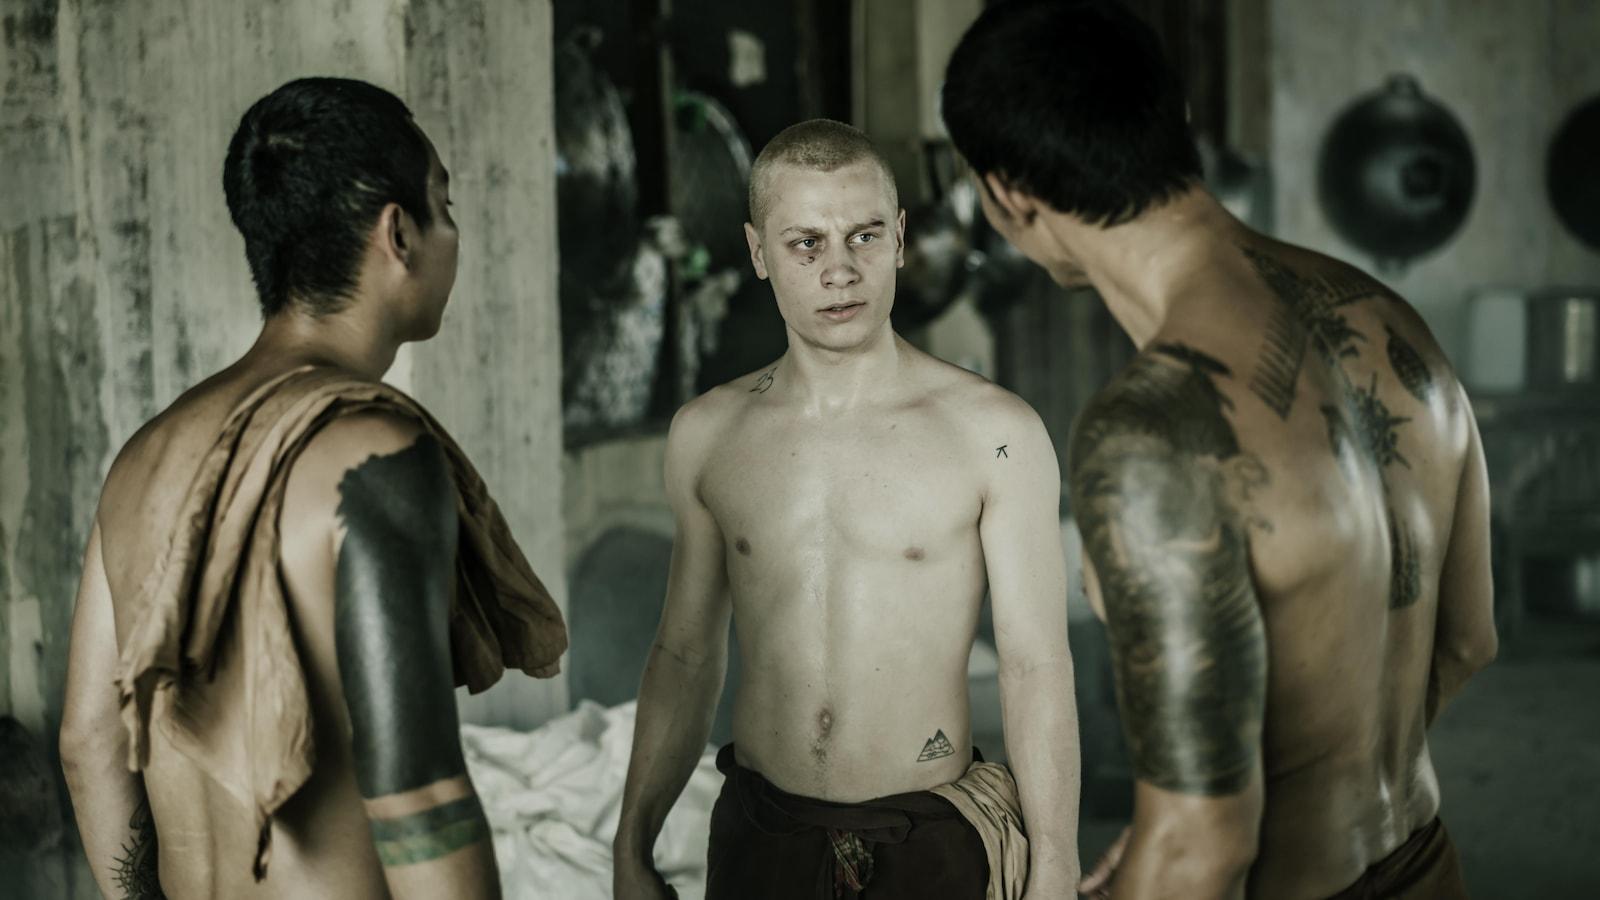 Un jeune homme torse nu (Antoine Olivier Pilon) entouré de deux jeunes hommes torses nus et menaçants.